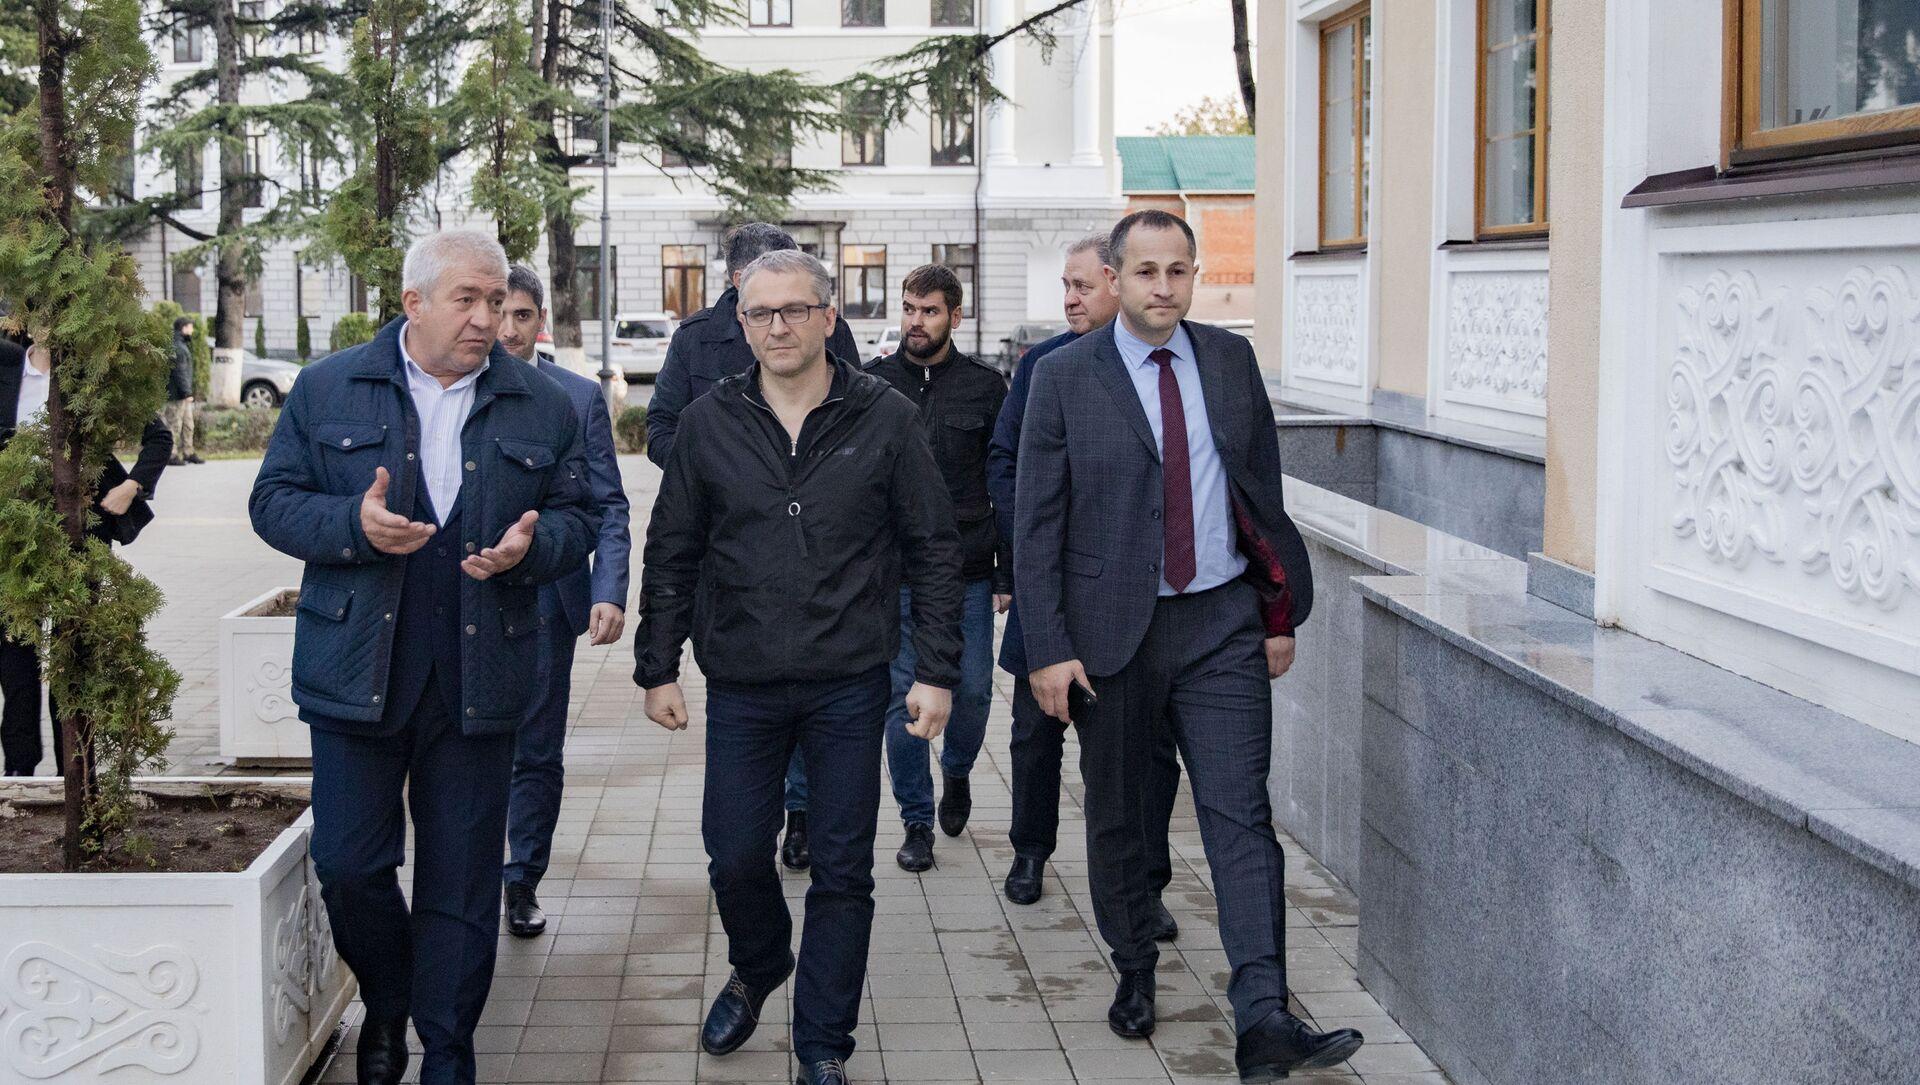 Замминистра экономики РФ Дмитрий Вольвач посетил объекты инвестпрограммы - Sputnik Южная Осетия, 1920, 01.10.2021